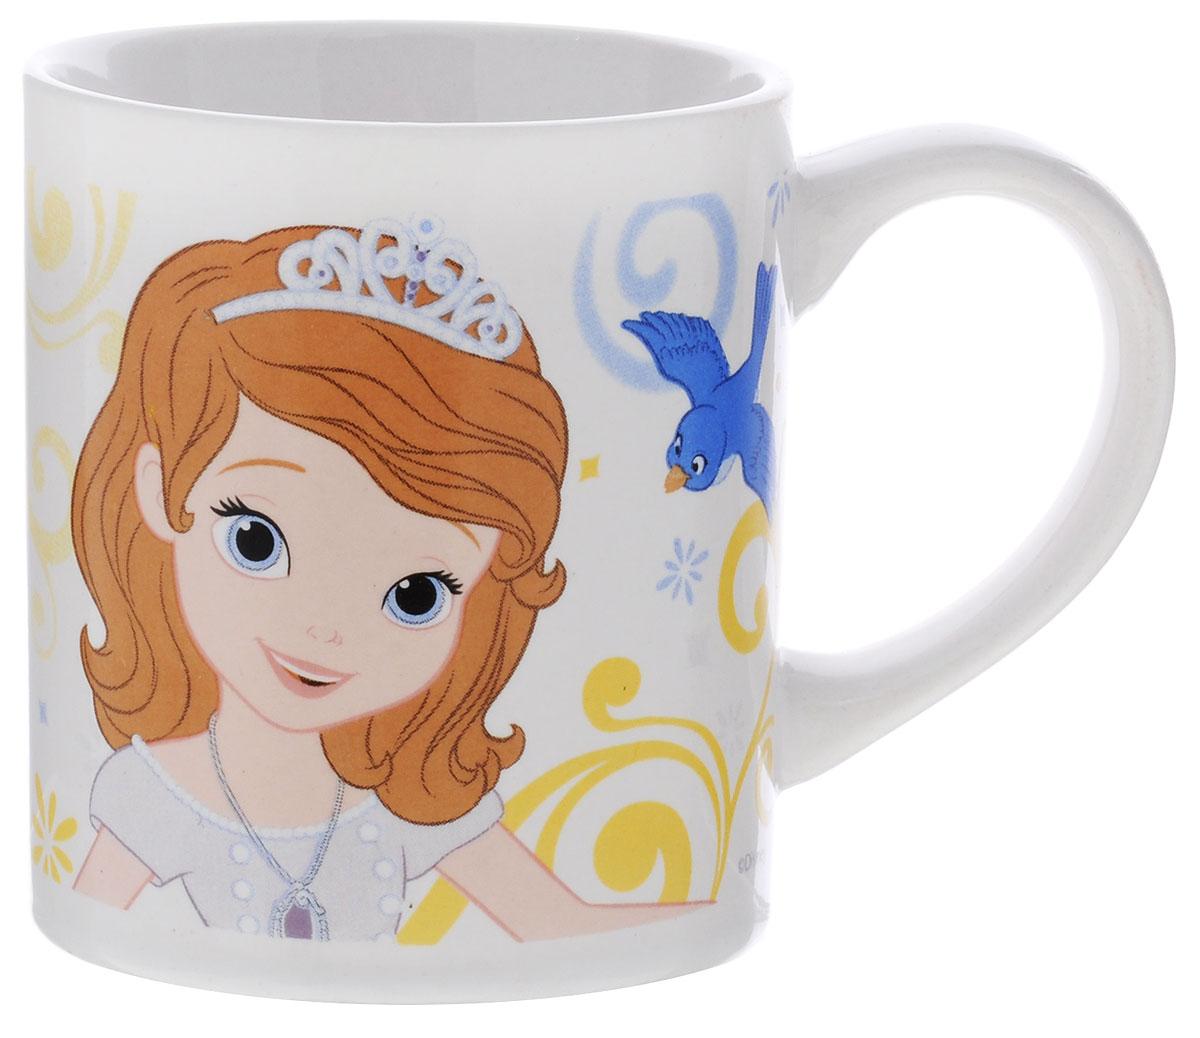 Stor Кружка детская Принцесса София Прекрасная 220 мл78506Детская кружка Stor Принцесса София Прекрасная из серии Stor Disney Princess с любимой героиней станет отличным подарком для вашей малышки. Она выполнена из керамики и оформлена изображением принцессы Софии. Кружка дополнена удобной ручкой. Такой подарок станет не только приятным, но и практичным сувениром: кружка будет незаменимым атрибутом чаепития, а оригинальное оформление кружки добавит ярких эмоций и хорошего настроения. Можно использовать в СВЧ-печи и посудомоечной машине.